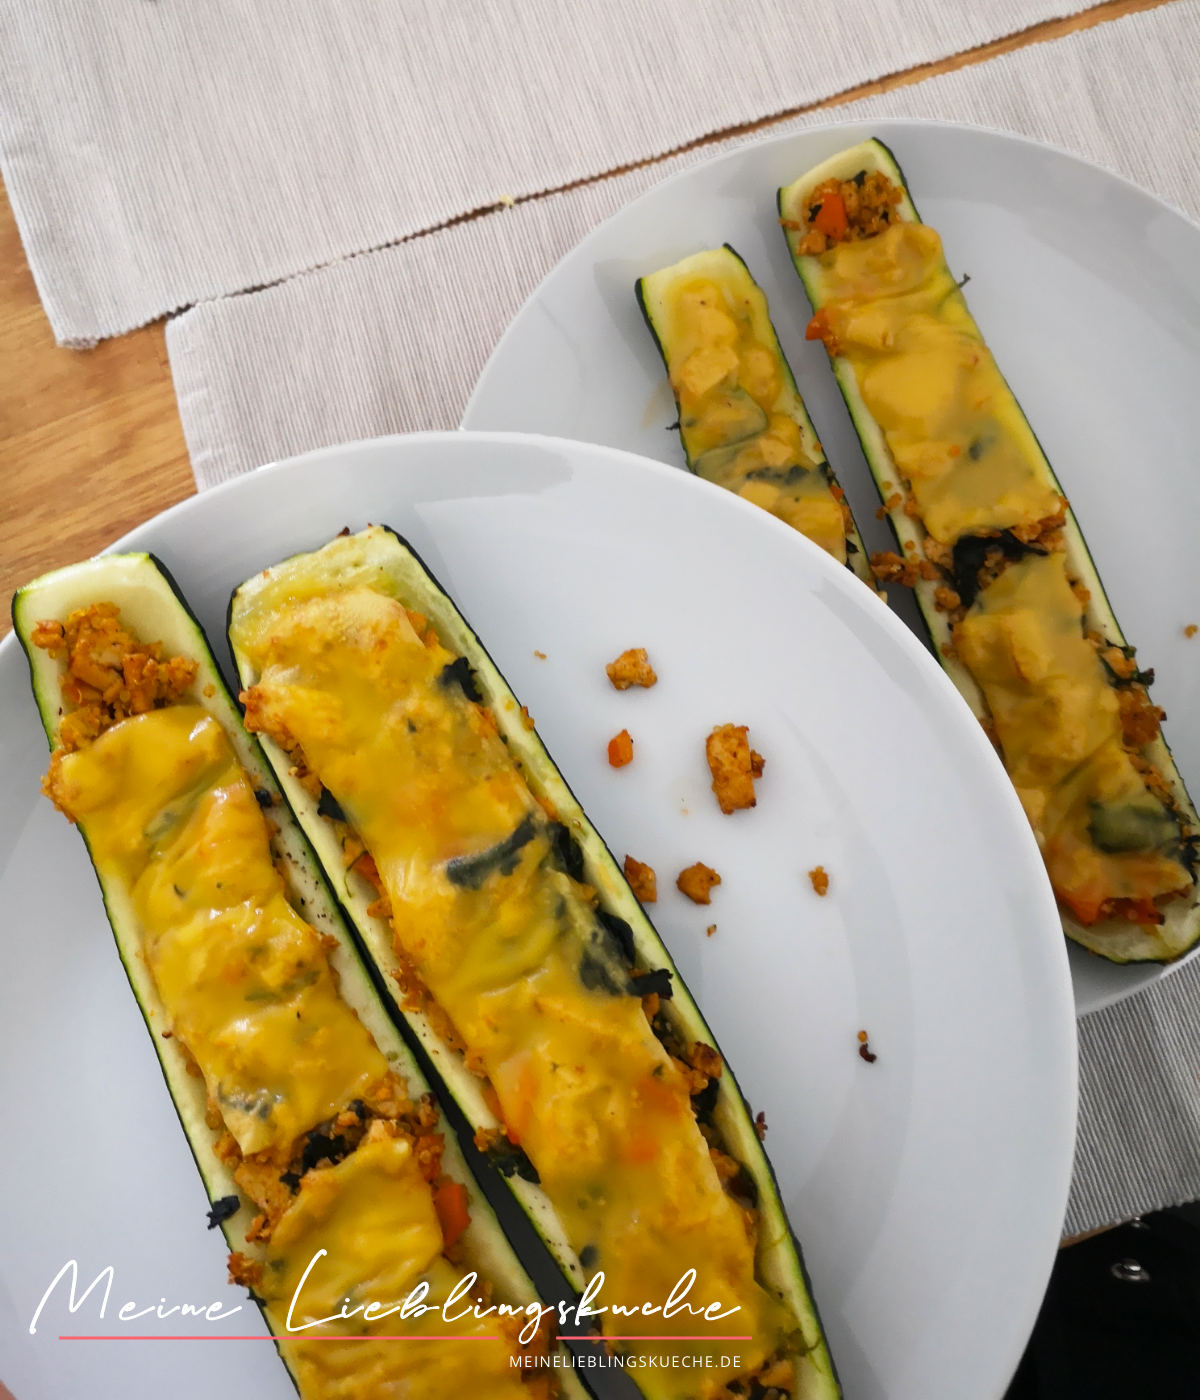 Gefüllte Zucchini-Schiffchen mit Tofu-Füllung